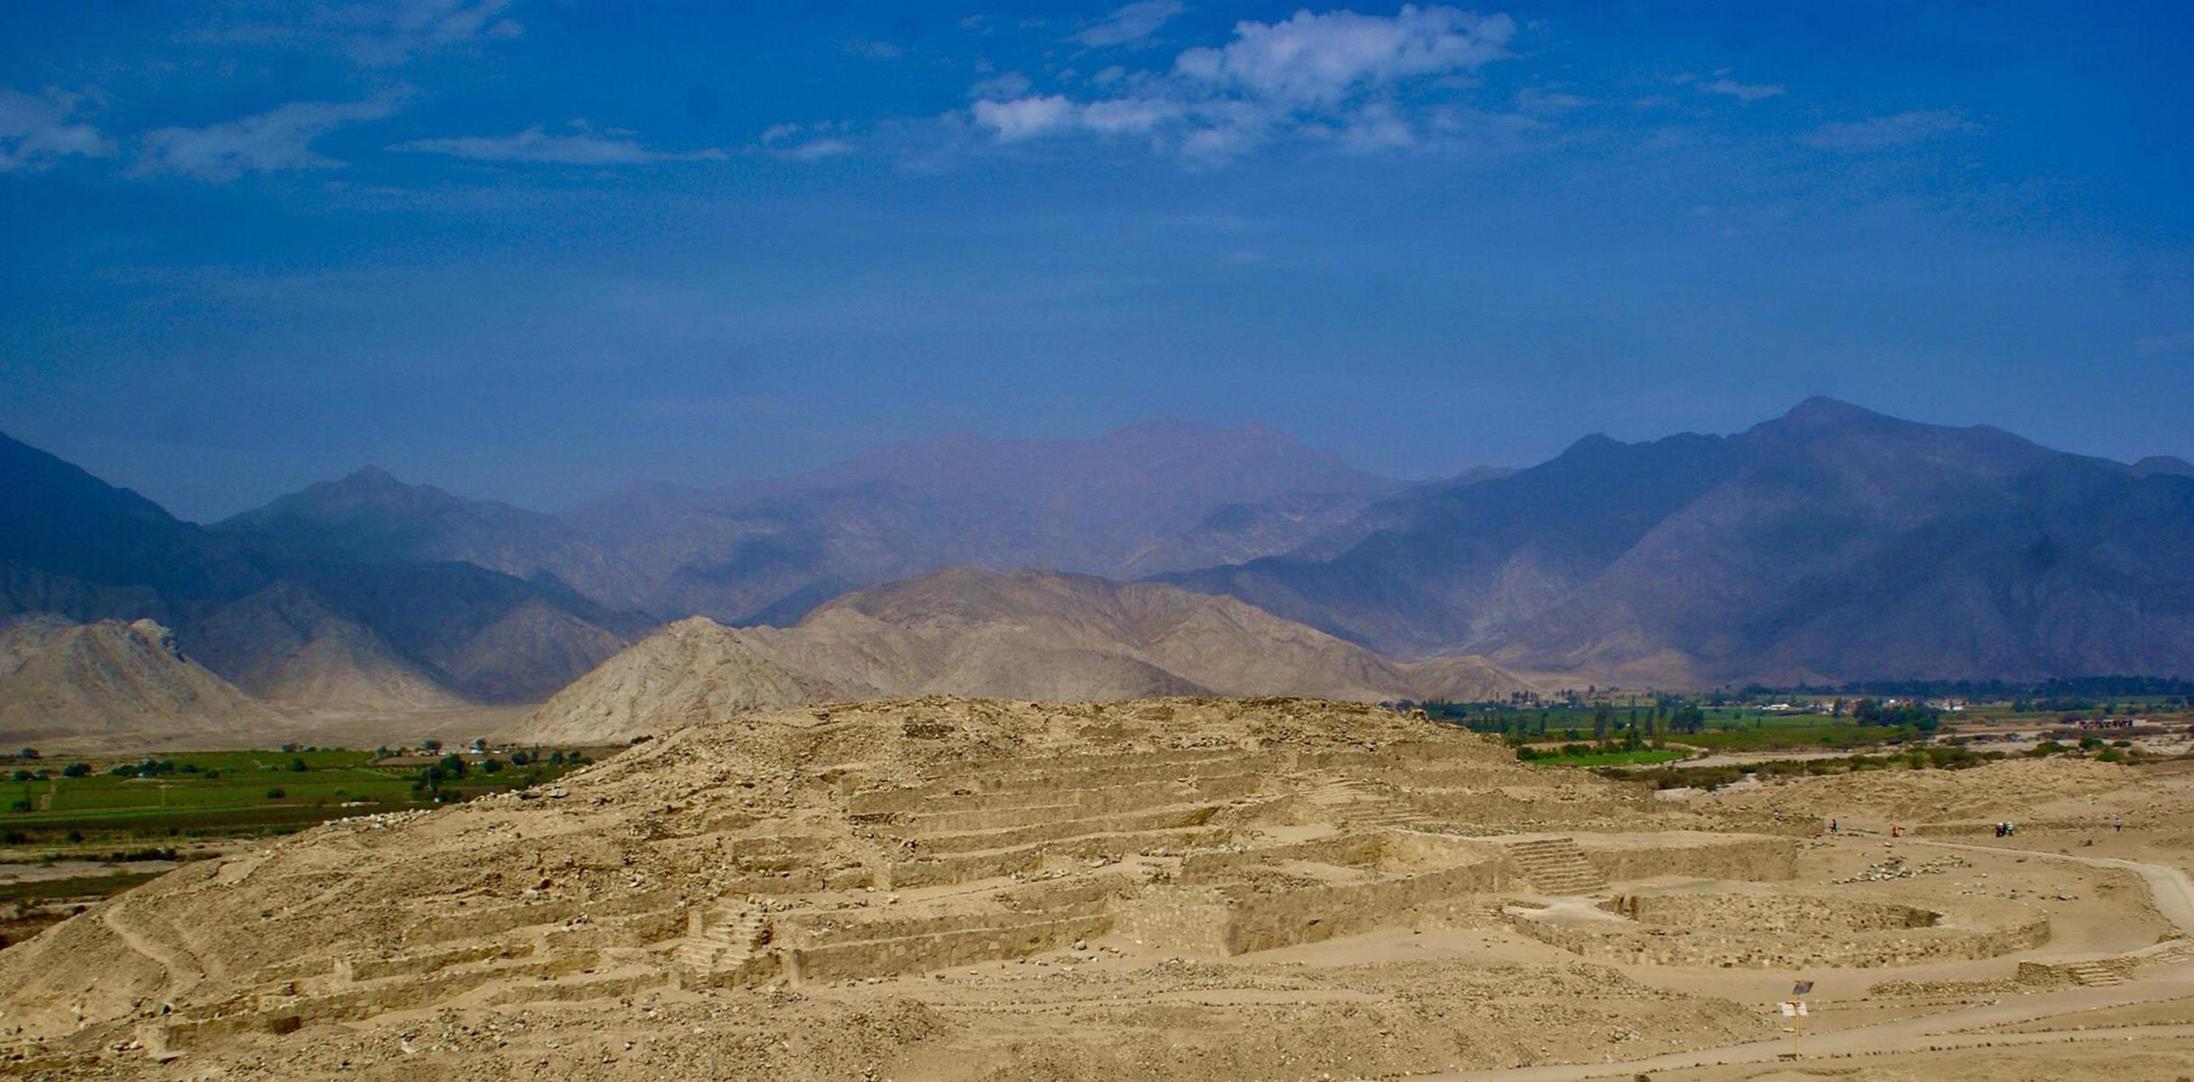 Imaxe de: CSIC e IAC establecen la relación entre la localización de los monumentos de la Cultura del Supe (Perú), sus orientaciones y ciertos elementos astronómicos y topográficos